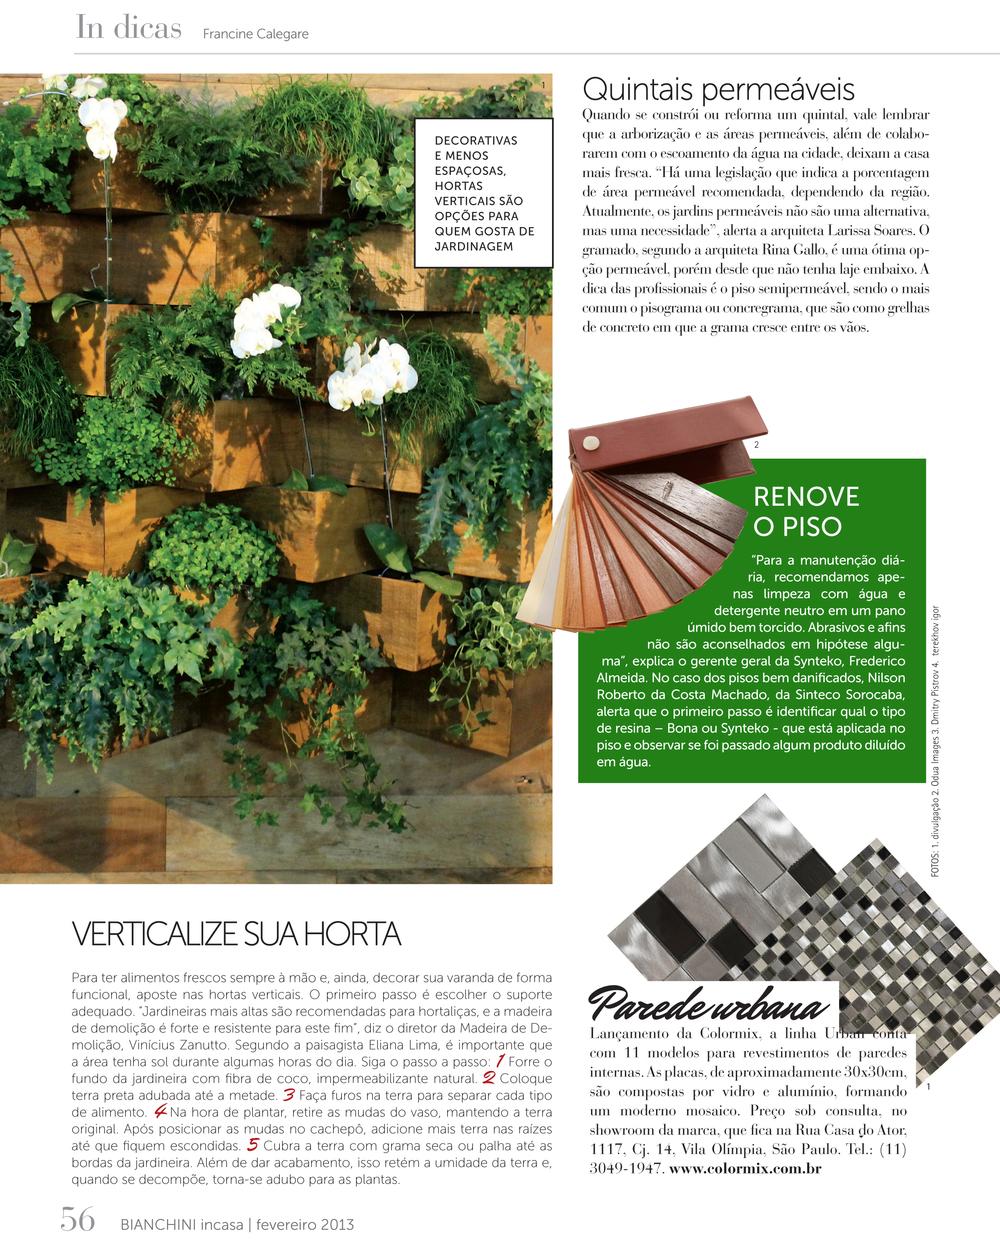 02 FEVEREIRO 2013_revista incasa.jpg